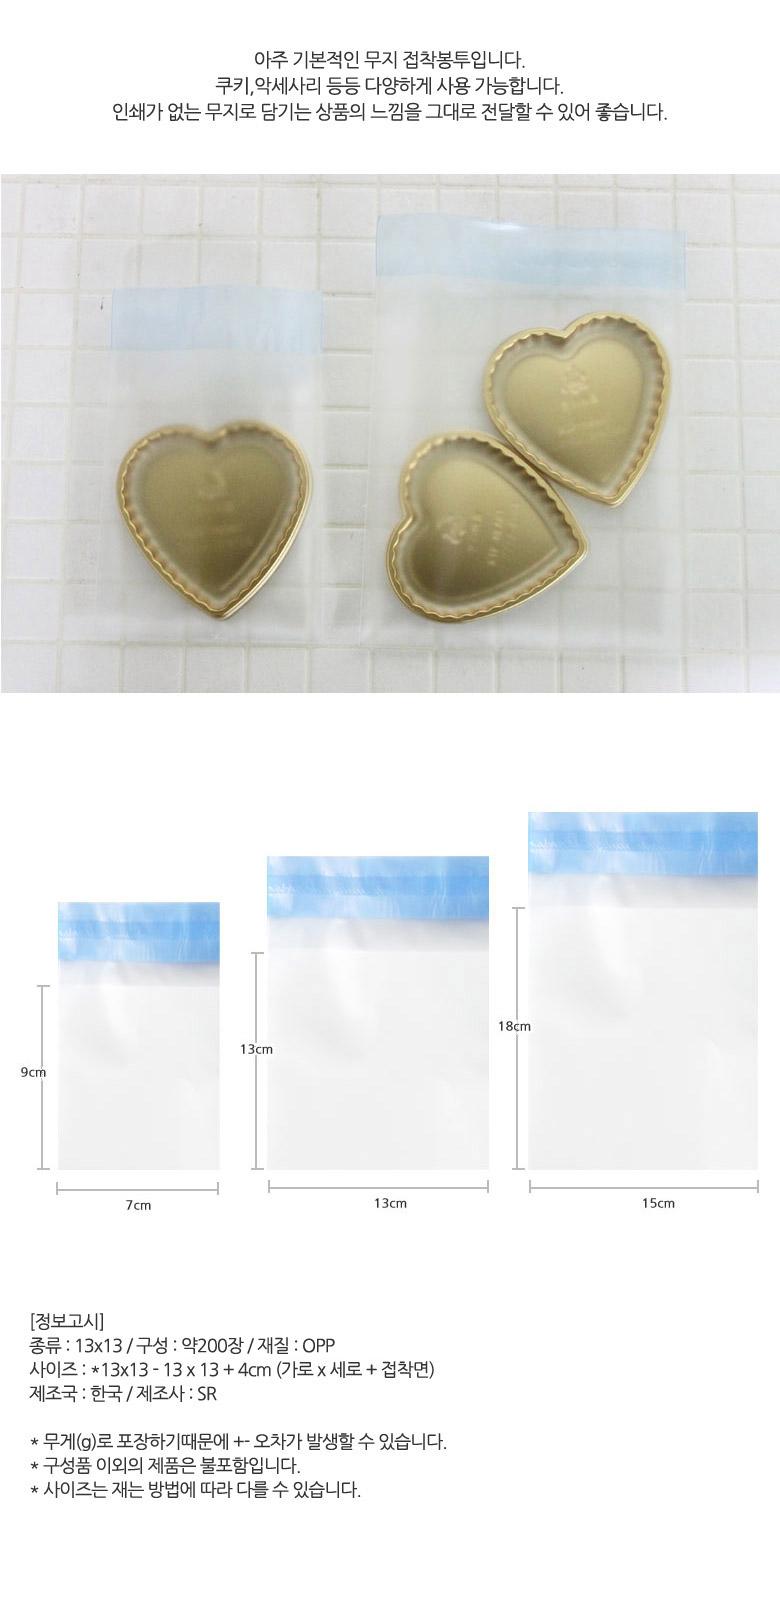 접착OPP 반투명 13x13 200장 - 이홈베이킹, 4,500원, 종이/페이퍼백, 패턴